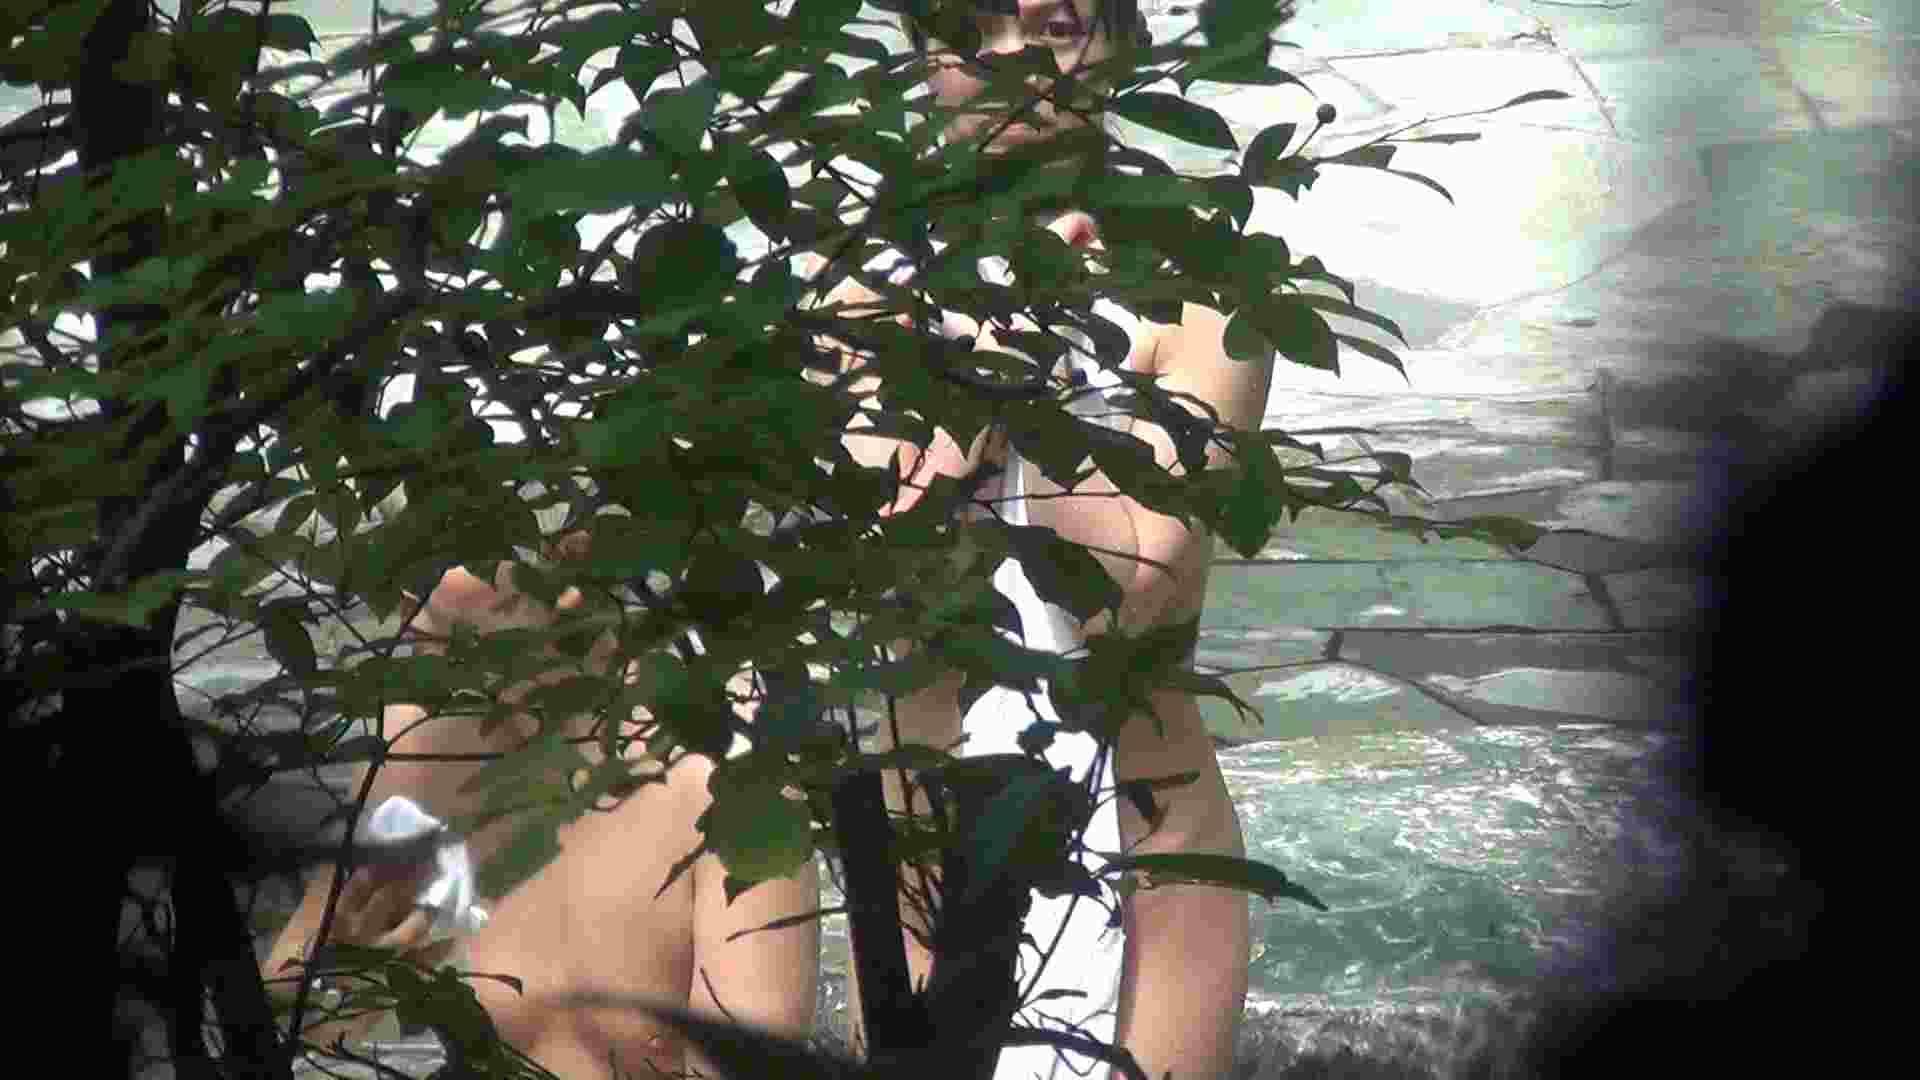 Aquaな露天風呂Vol.300 OLのエロ生活 隠し撮りオマンコ動画紹介 83連発 62